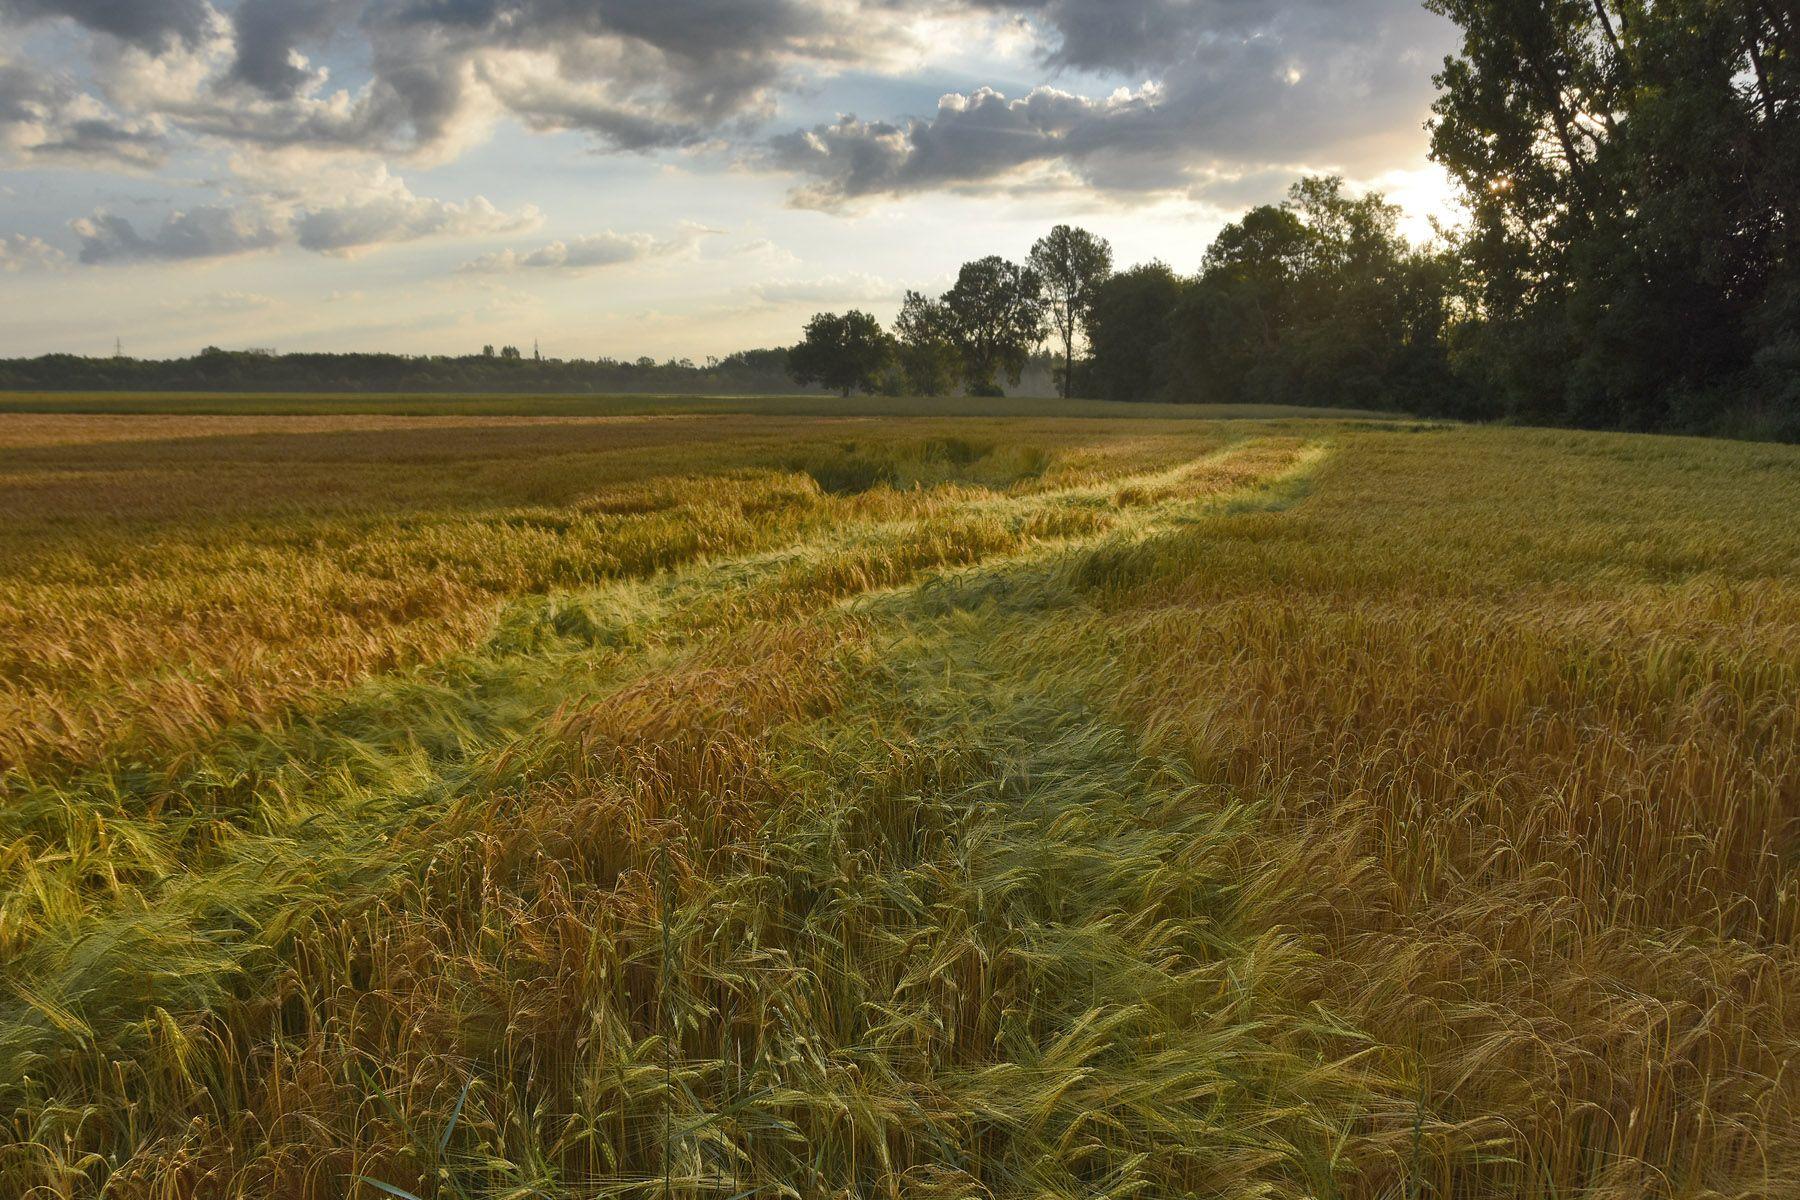 утро конца июля утро поле рожь свет цвет структура